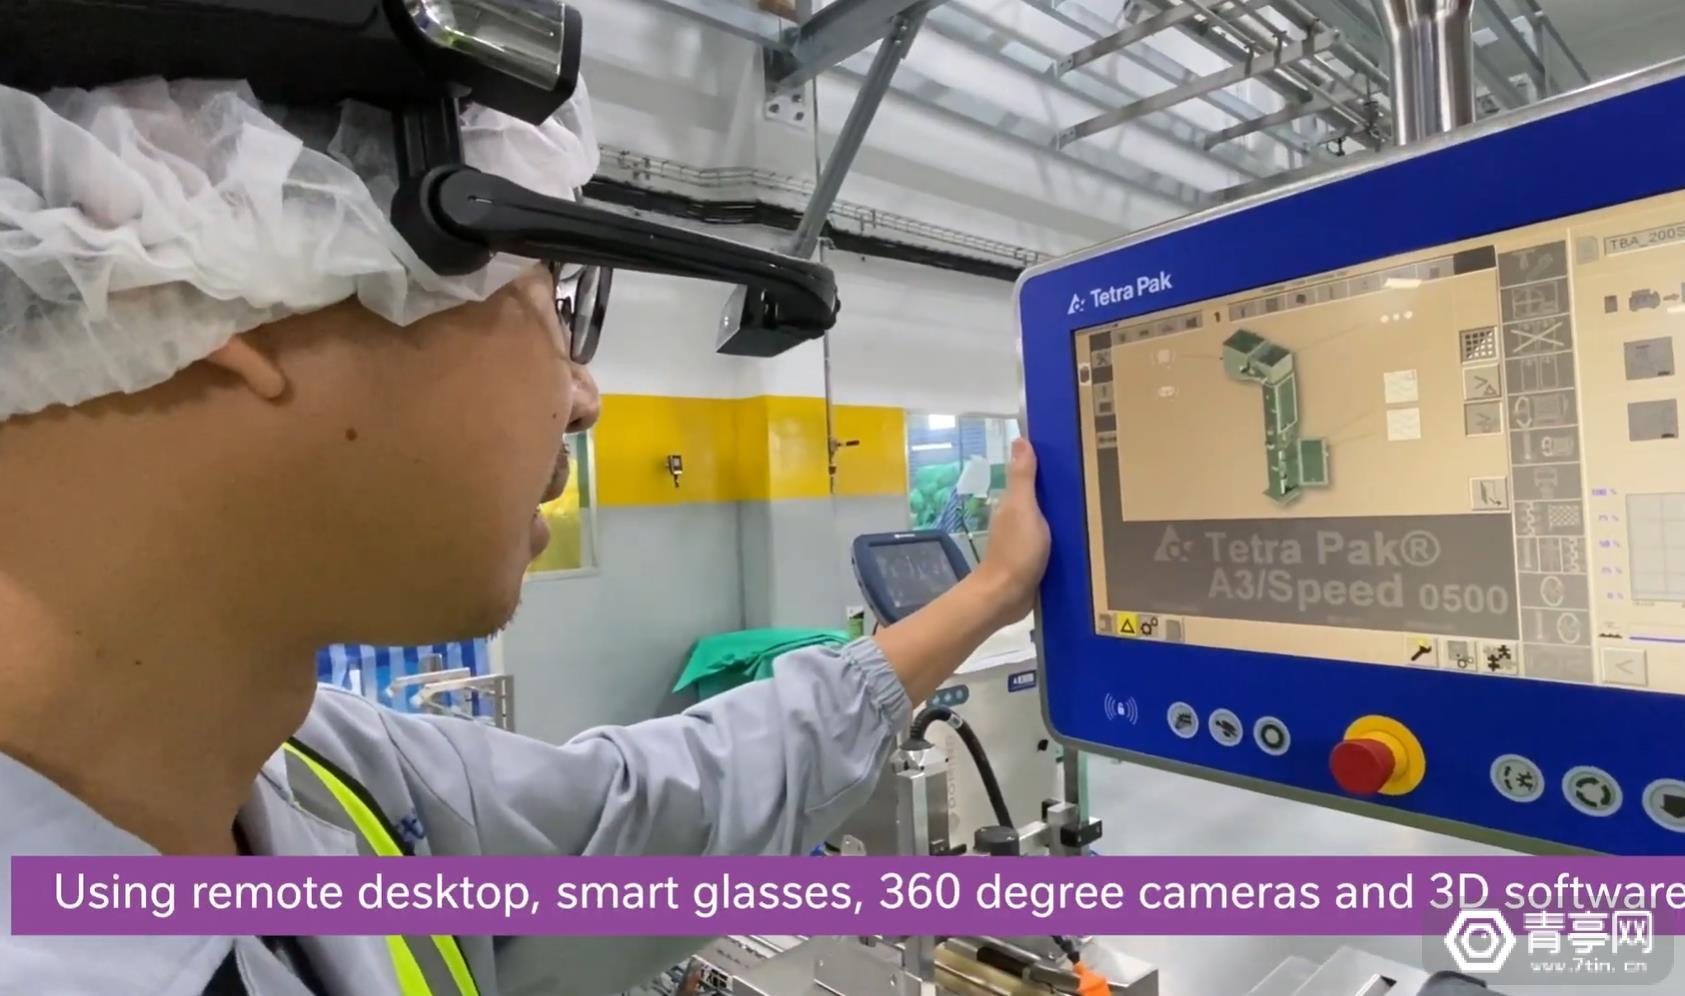 雀巢工厂采用AR远程协助,提升操作效率